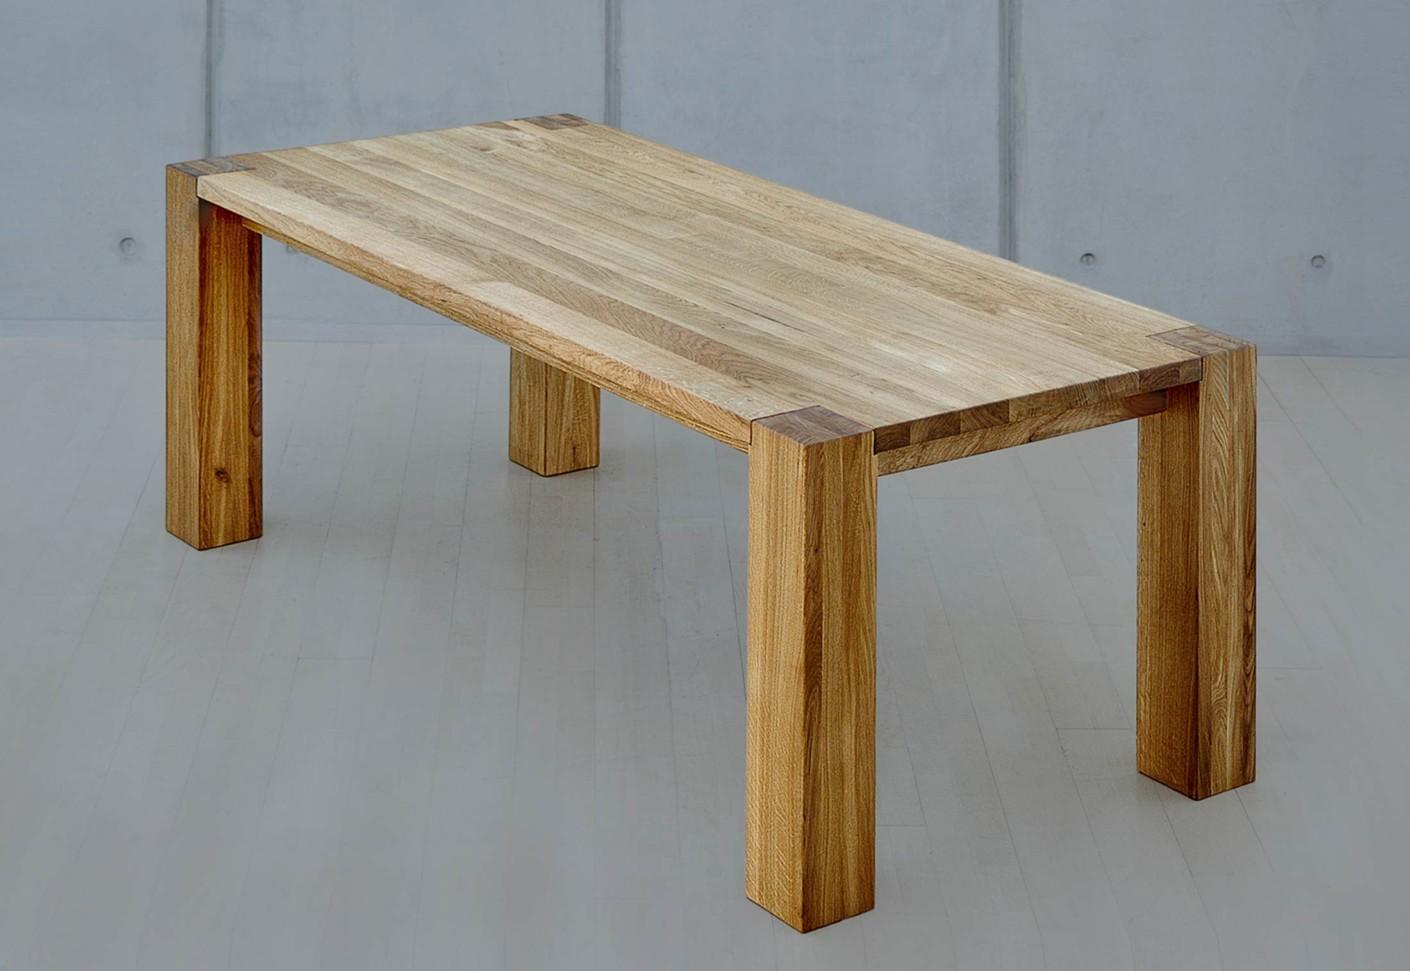 Taurus tisch von vitamin design stylepark for Vitamin design tisch nojus